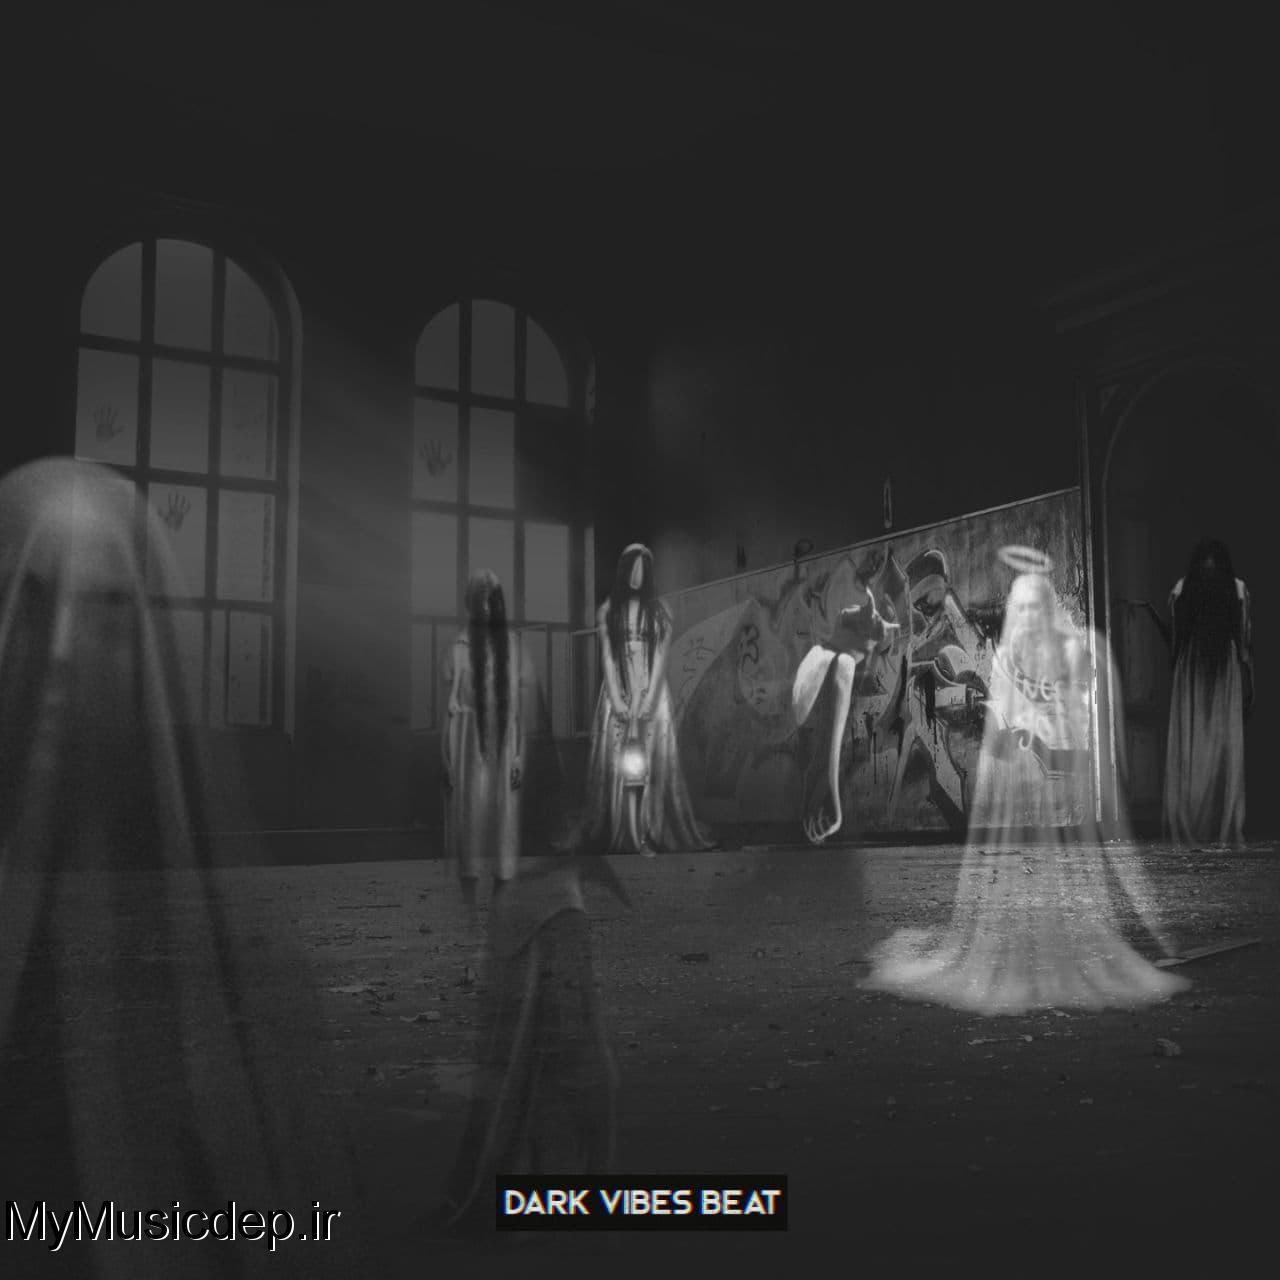 دانلود اینسترومنتال Dark Vibes Beat به نام Nightmare